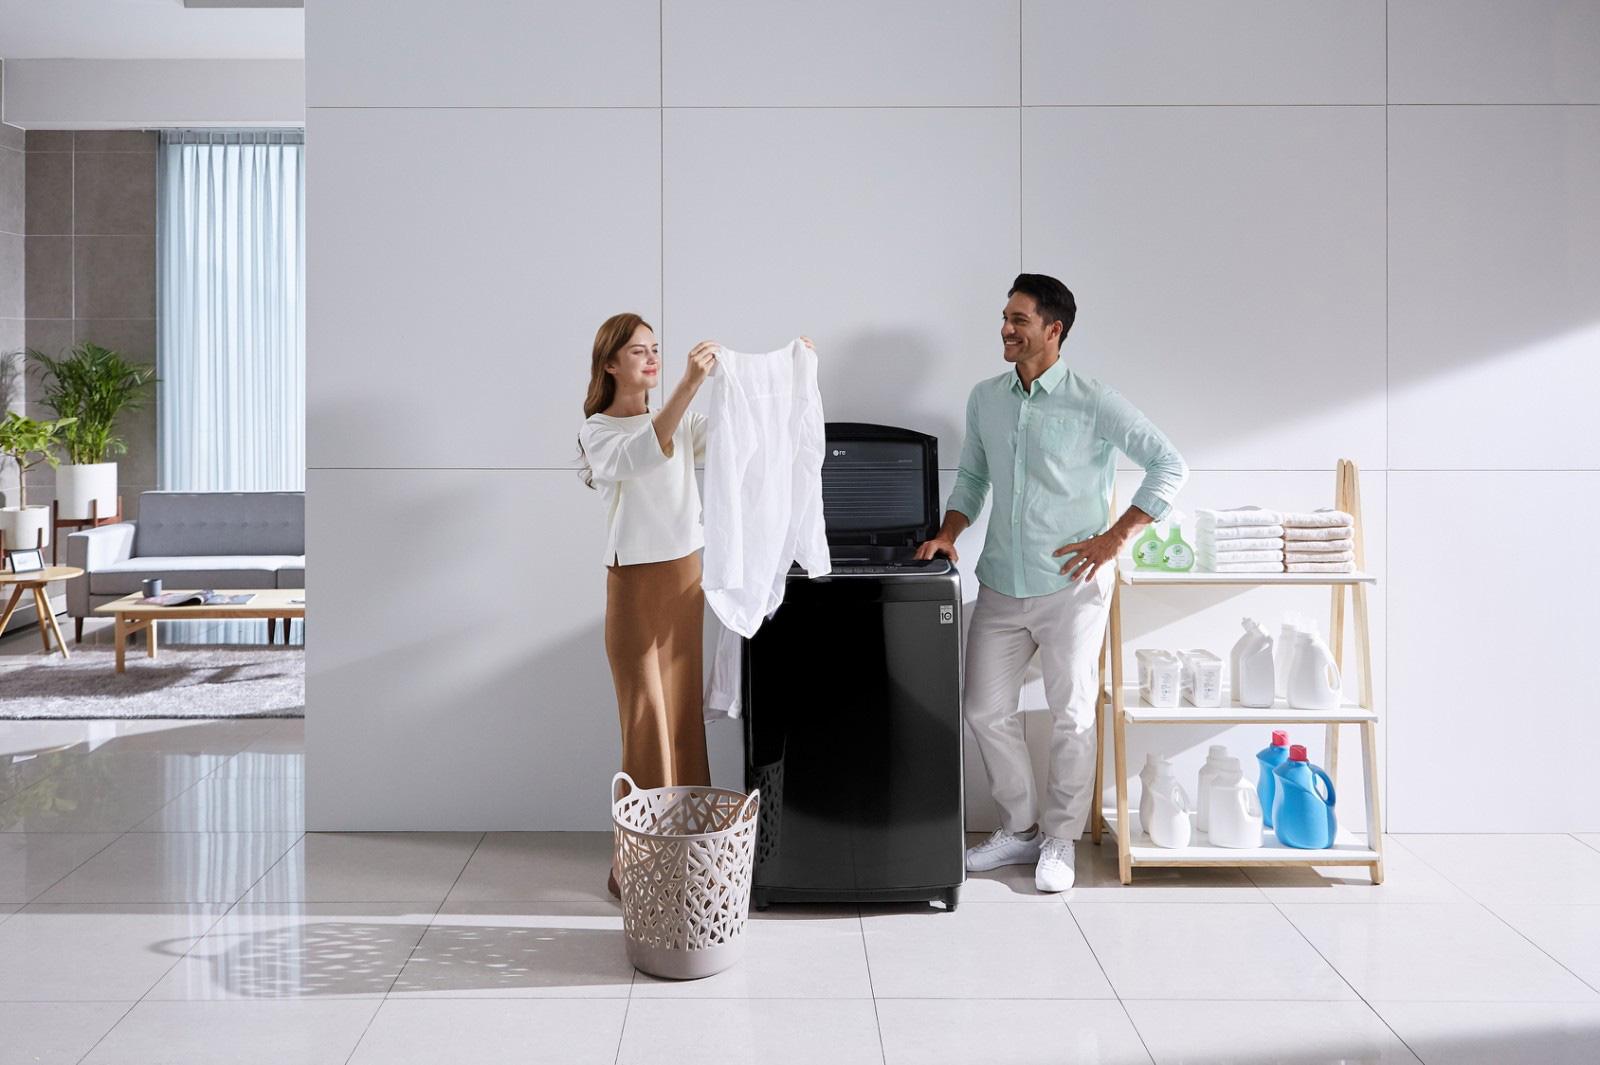 Đừng để giặt giũ chiếm quá nhiều thời gian của bạn - Ảnh 2.